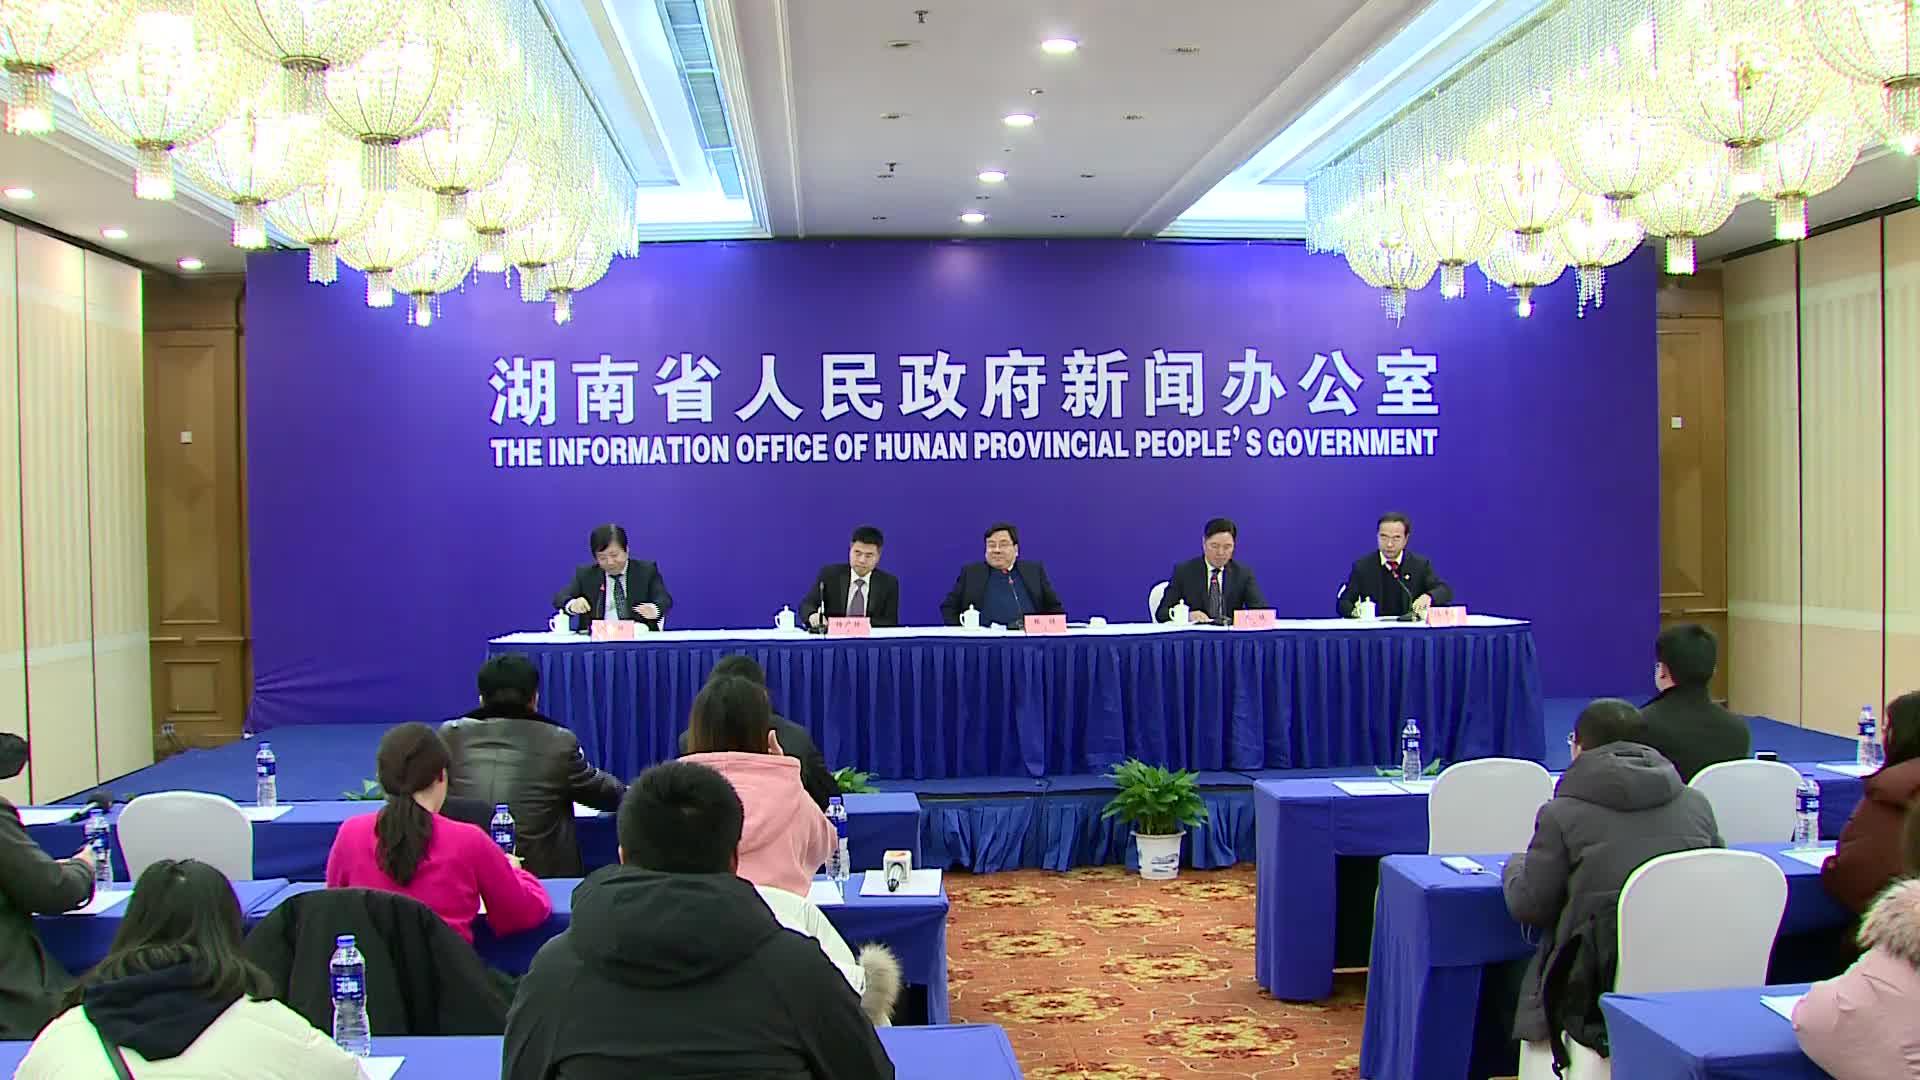 【全程回放】2018年全省民营经济发展情况新闻发布会